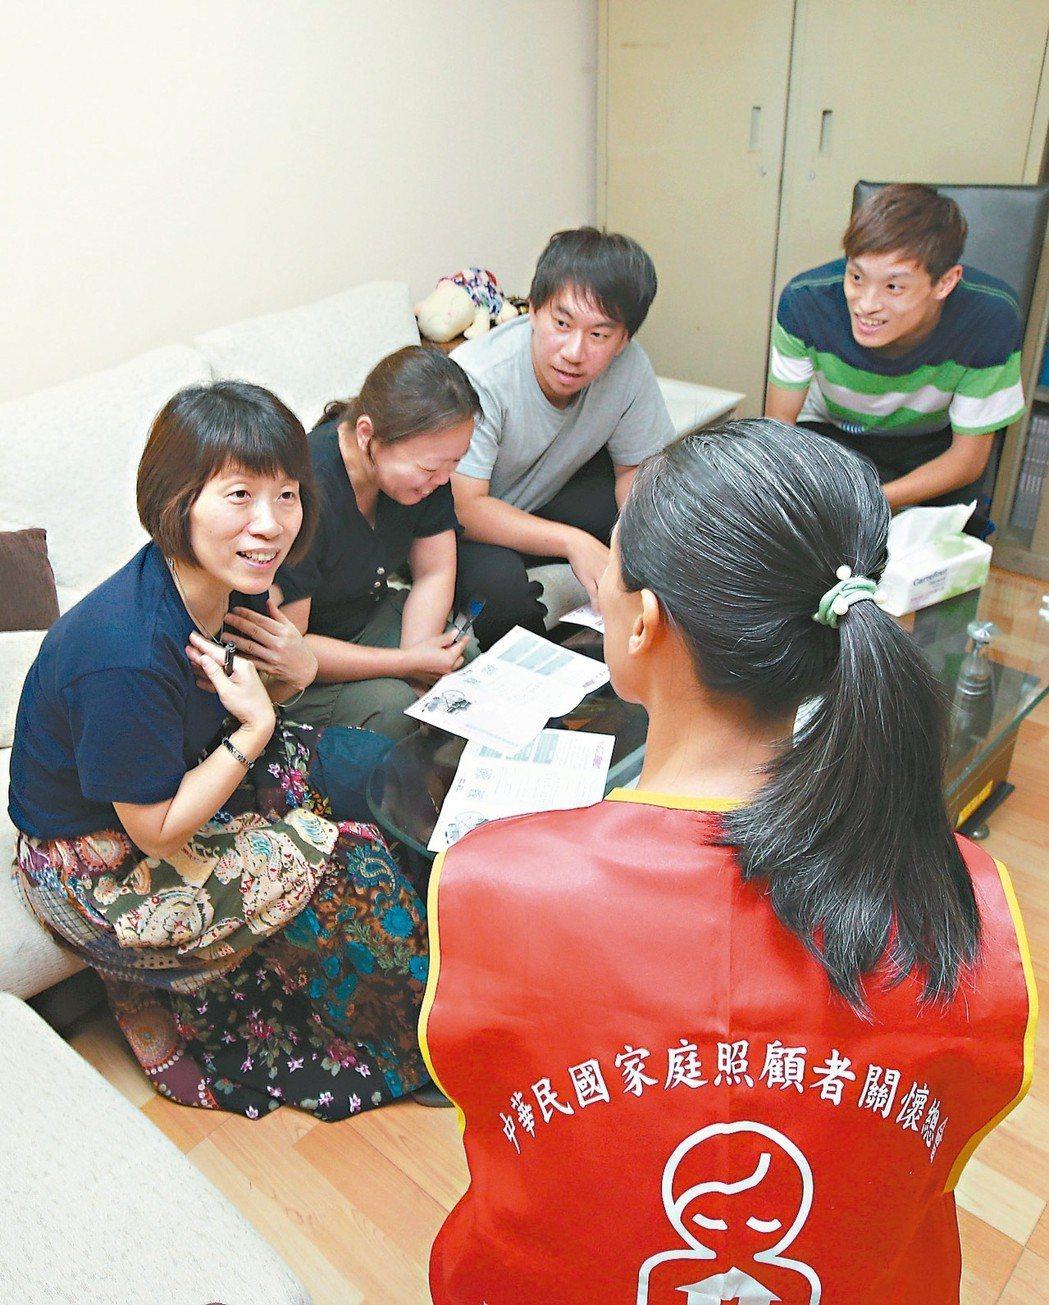 家總建議家庭簽照顧協議,避免日後為照顧勞逸不均起爭執。 記者蘇健忠/攝影